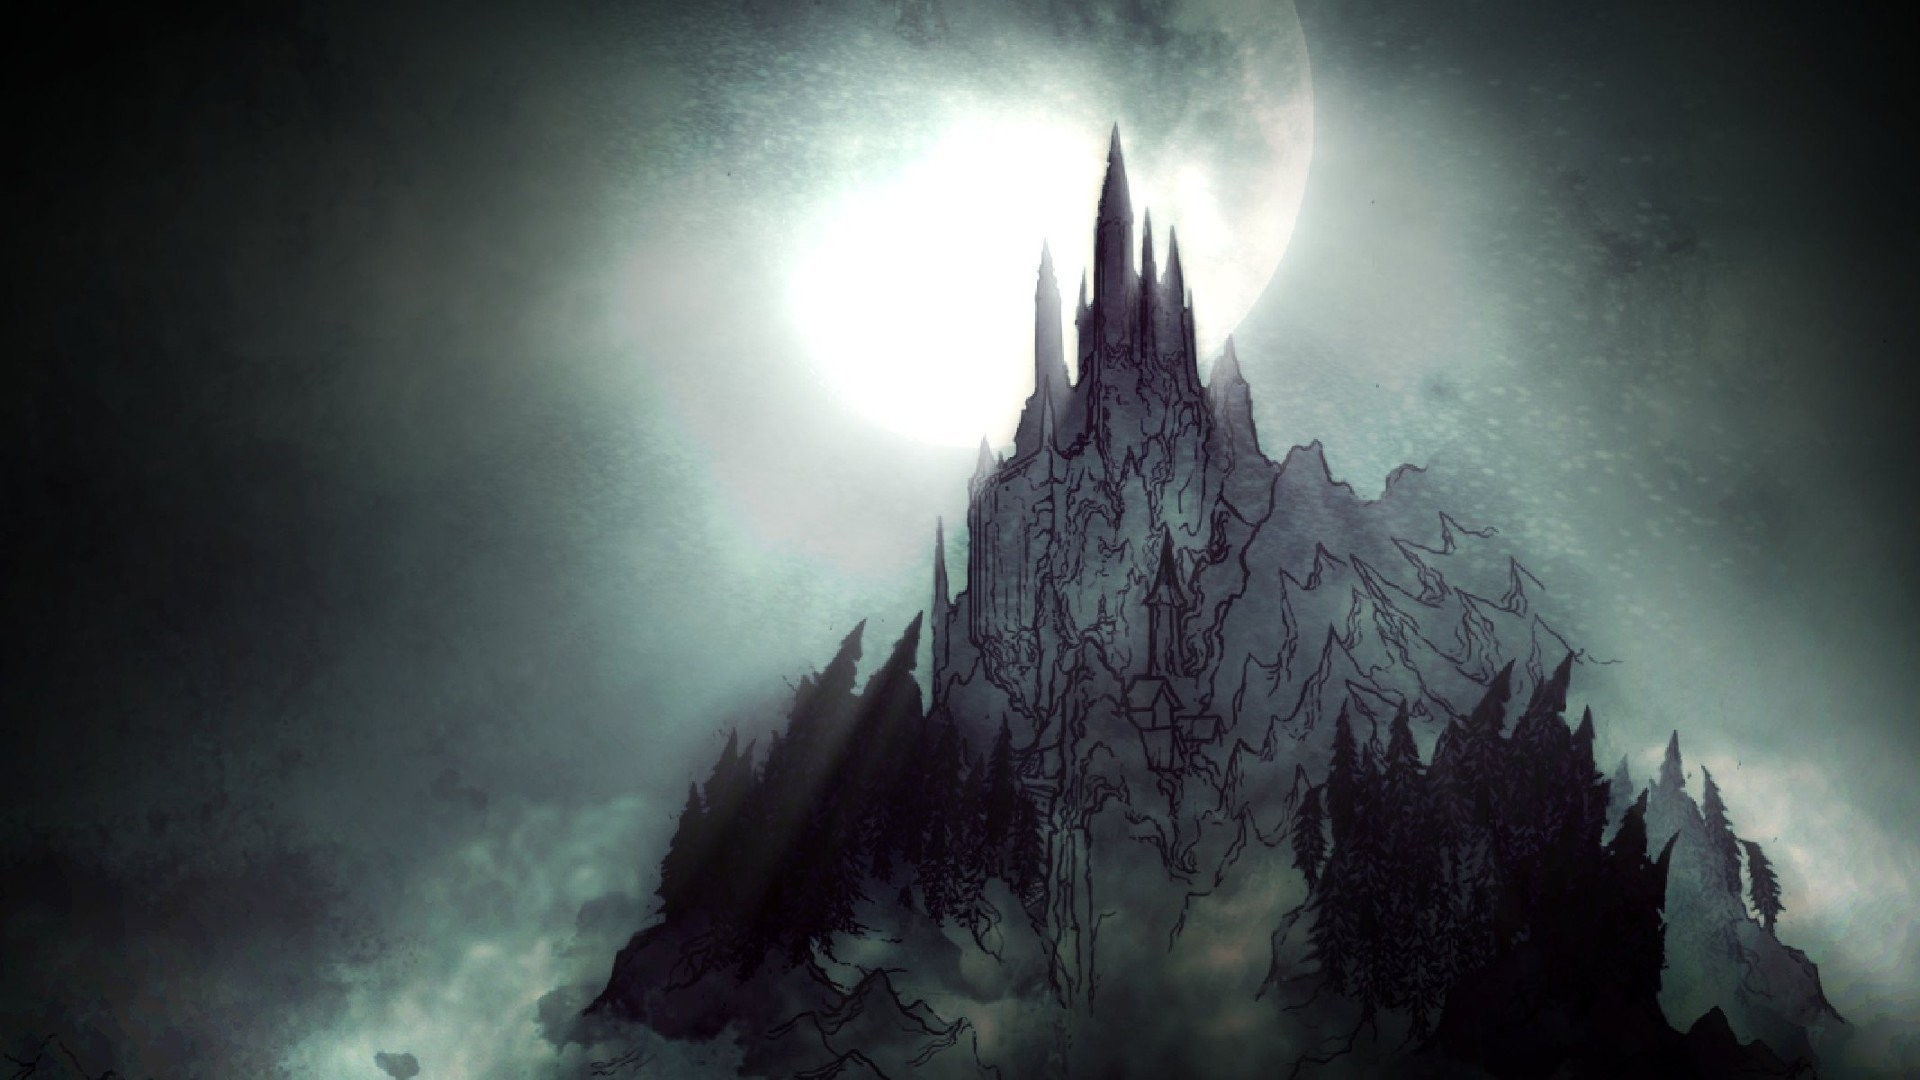 Dark Castle Computer Wallpapers Desktop Backgrounds x